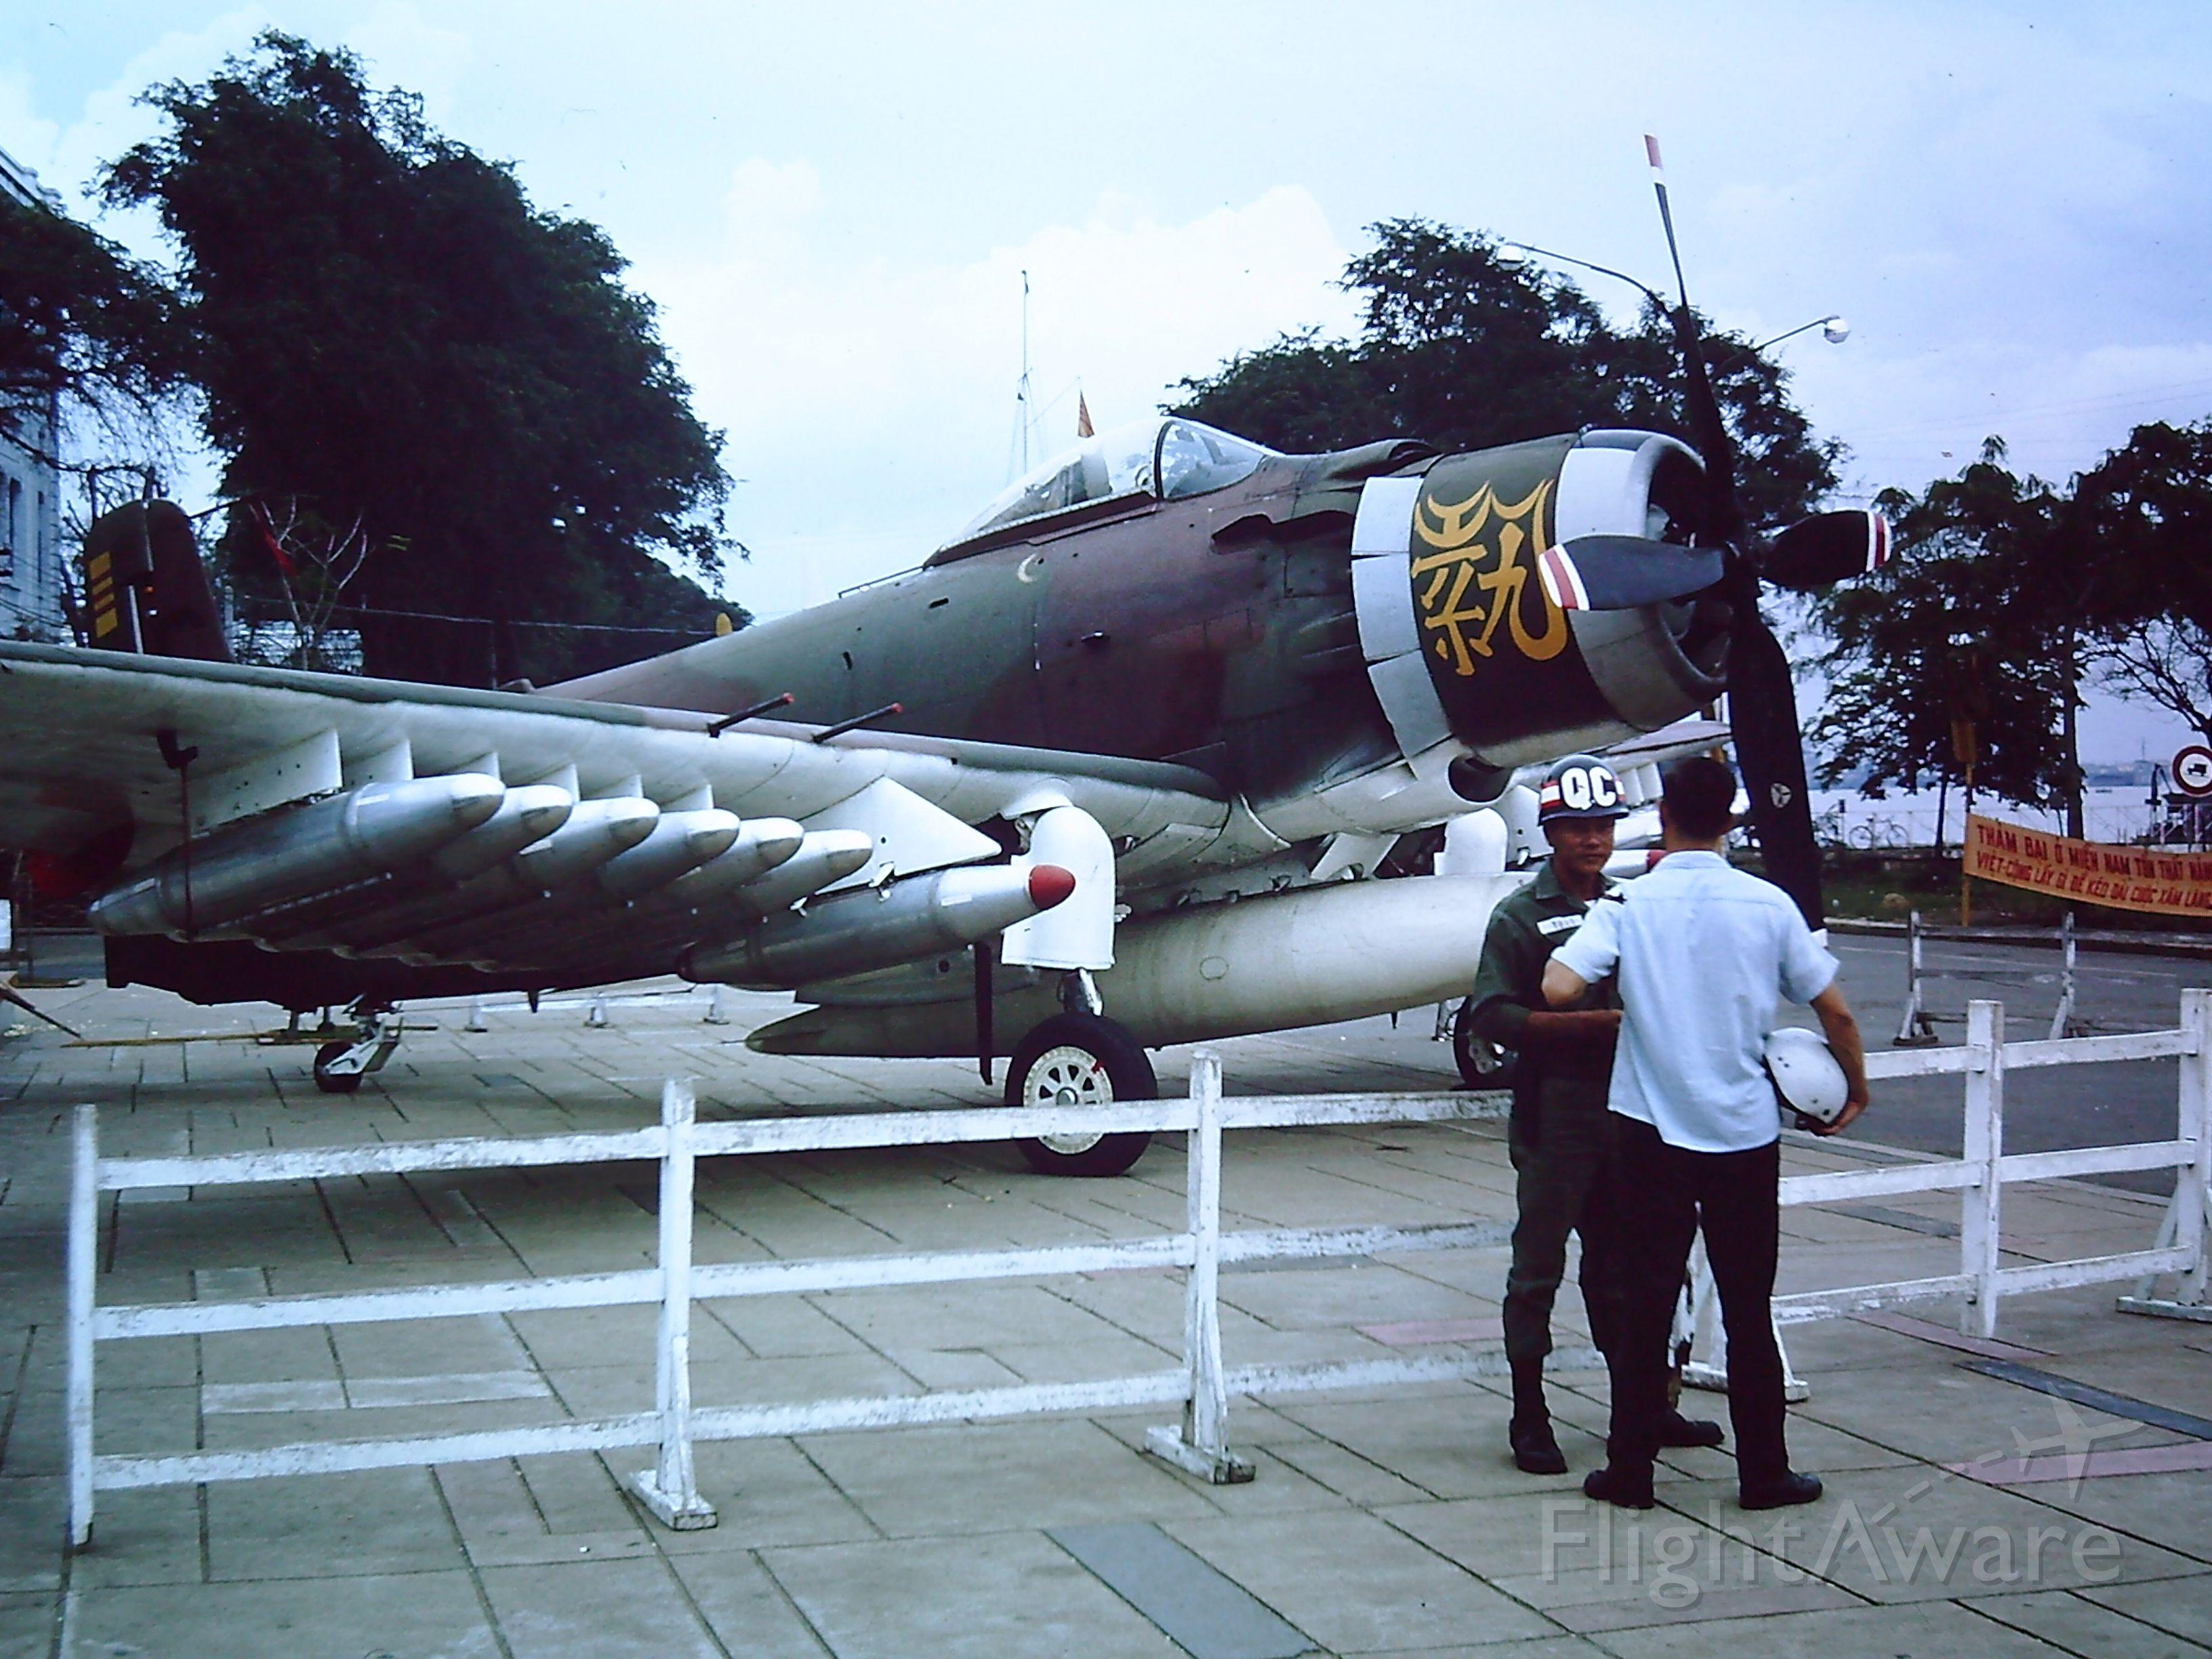 — — - TAN SON NHUT AIR BASE, SAIGON, VIETNAM 1966 - A South Vietnamese Air Force A-1E Skyraider on display in Saigon.